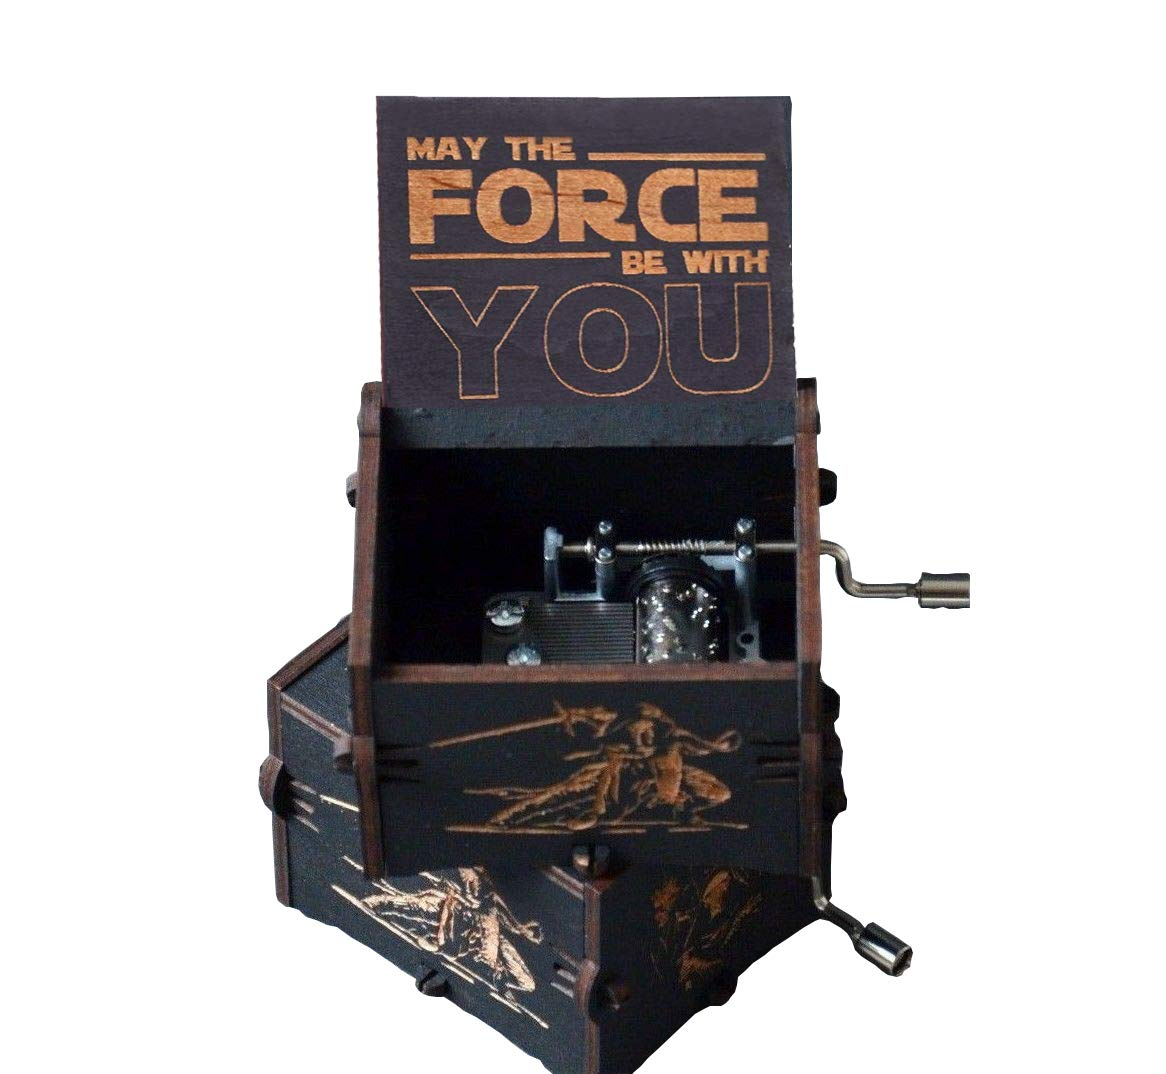 carillon di legno della mano-scatola creativi di legno migliori regali su ma Carillon puro di mano-classica di Star Wars